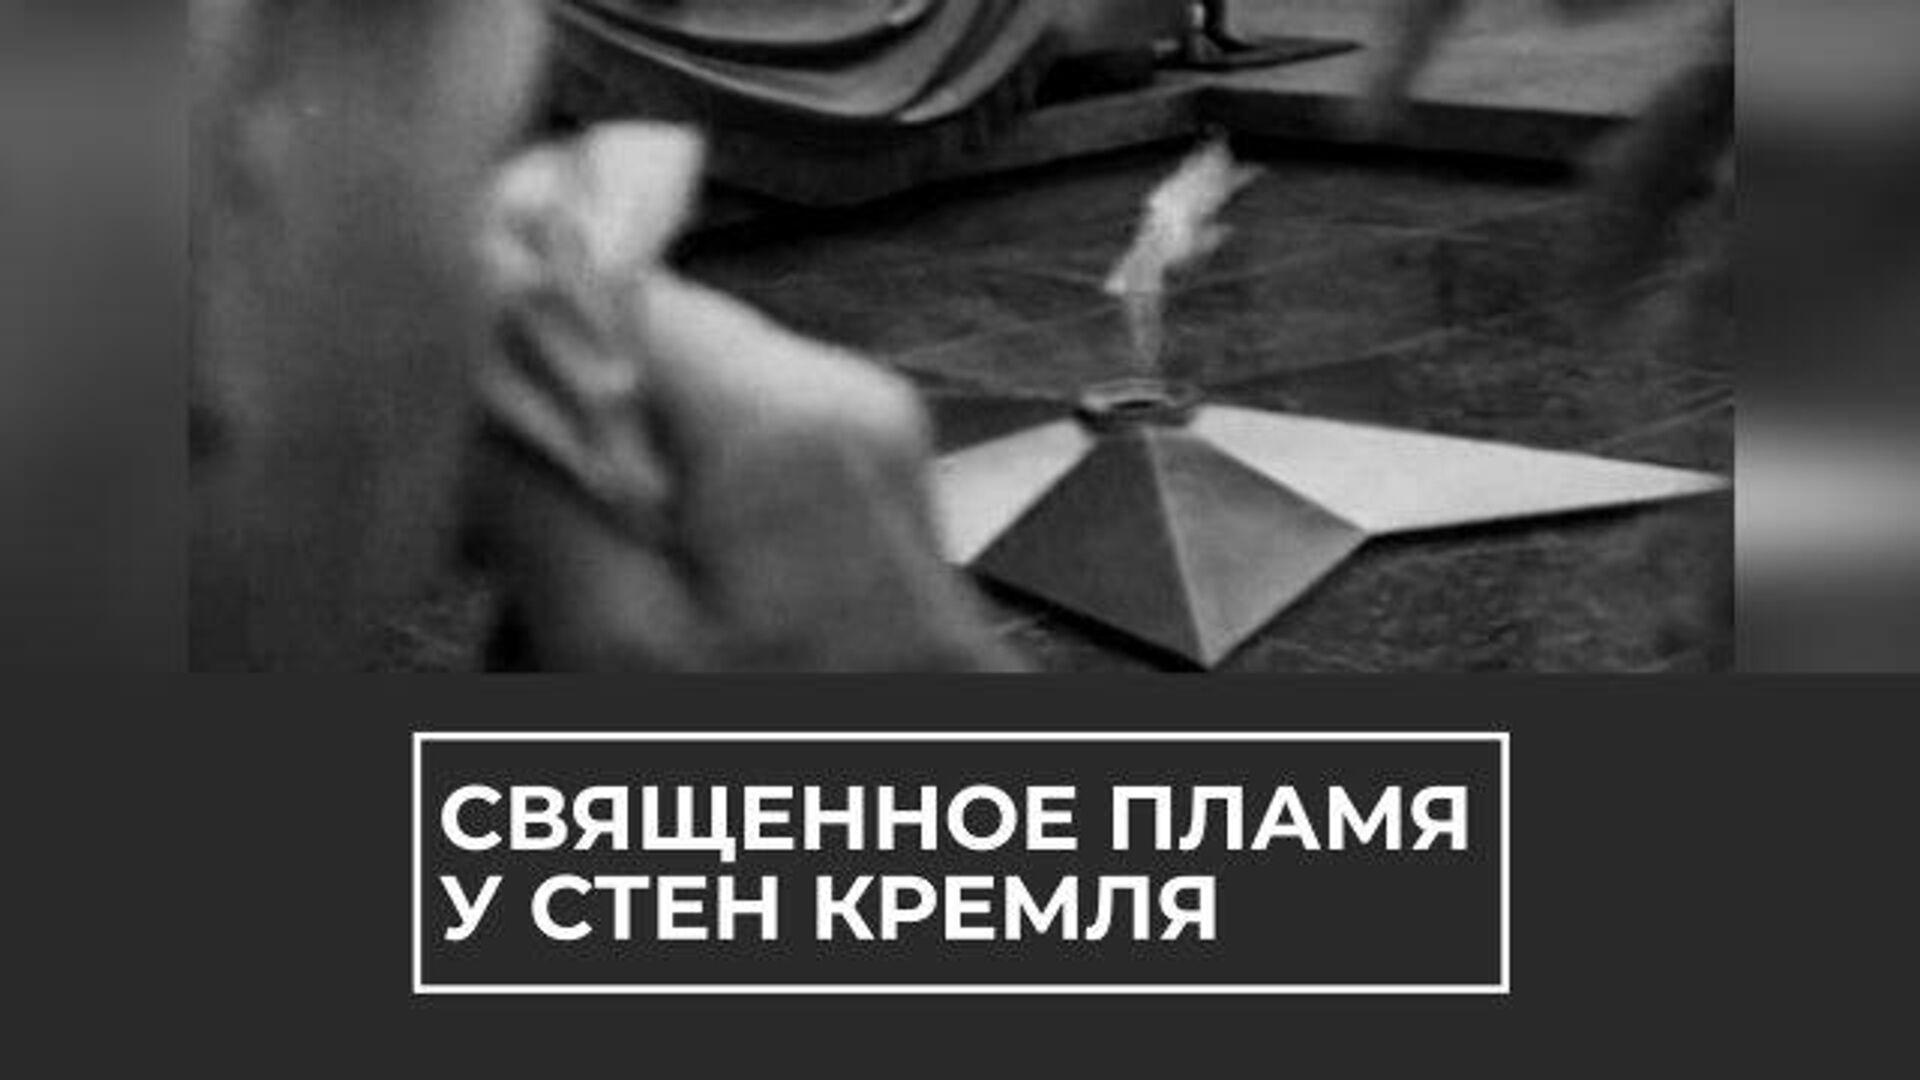 Могила Неизвестного солдата: священное пламя у стен Кремля - РИА Новости, 1920, 08.05.2021